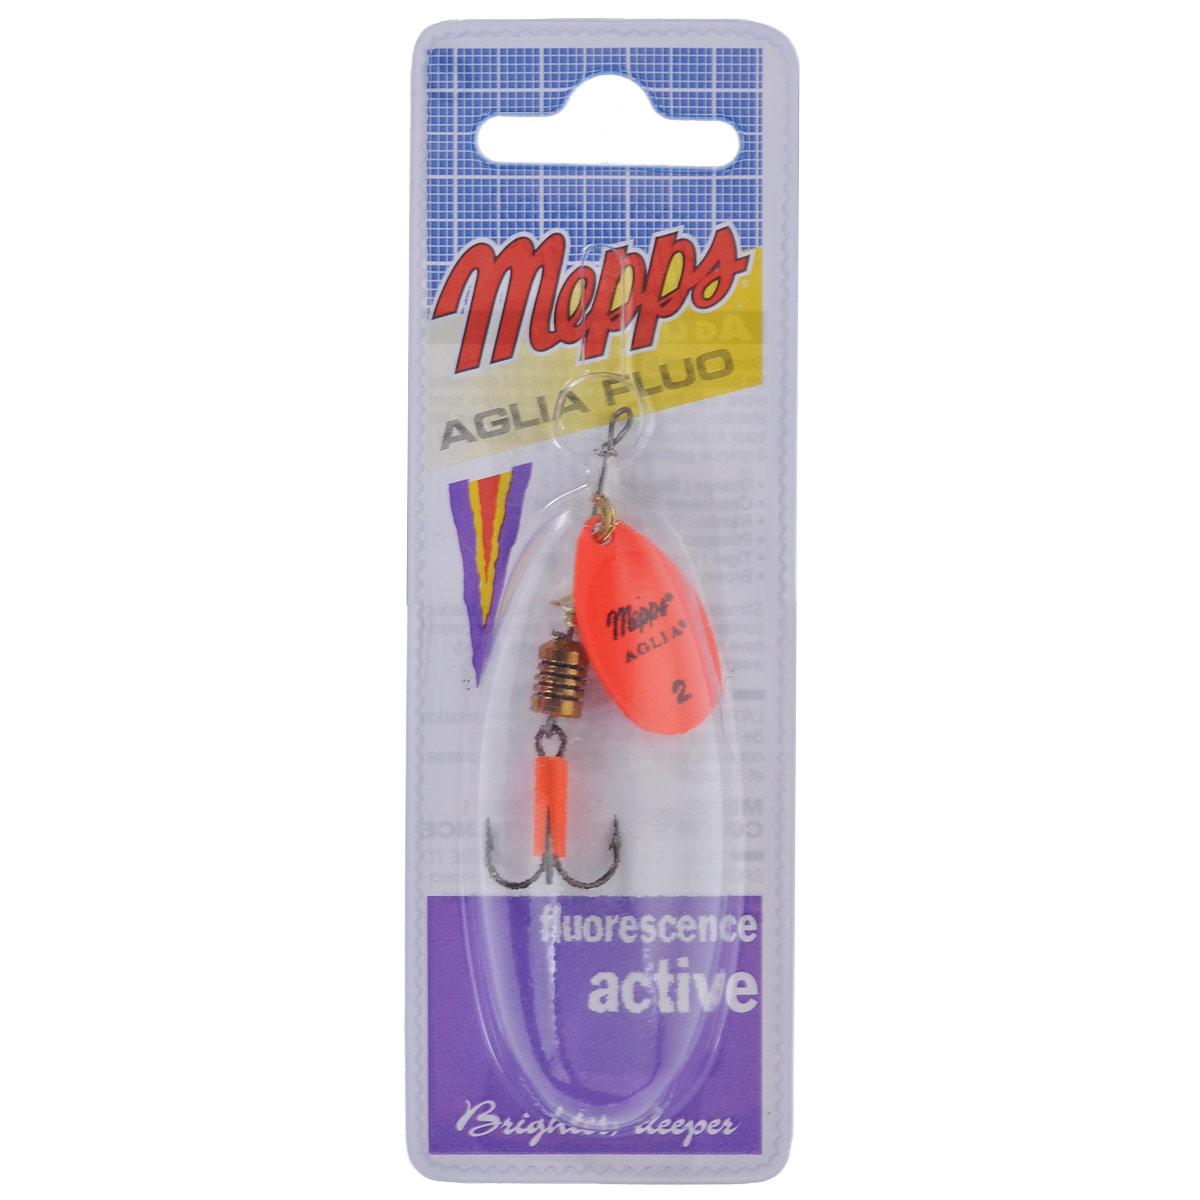 Блесна Mepps Aglia Fluo Orange, вращающаяся, №235494Вращающаяся блесна Mepps Aglia Fluo Orange выполнена в виде лепестка оранжевого неонового окраса, дающего преимущество при ловле рыбы в темное время суток, на большой глубине и в мутной воде. Такая блесна отлично видна даже при освещении ультрафиолетовыми лучами, доходящими до самых больших глубин. Стимулированная ультрафиолетом, она продолжает еще долго светиться.